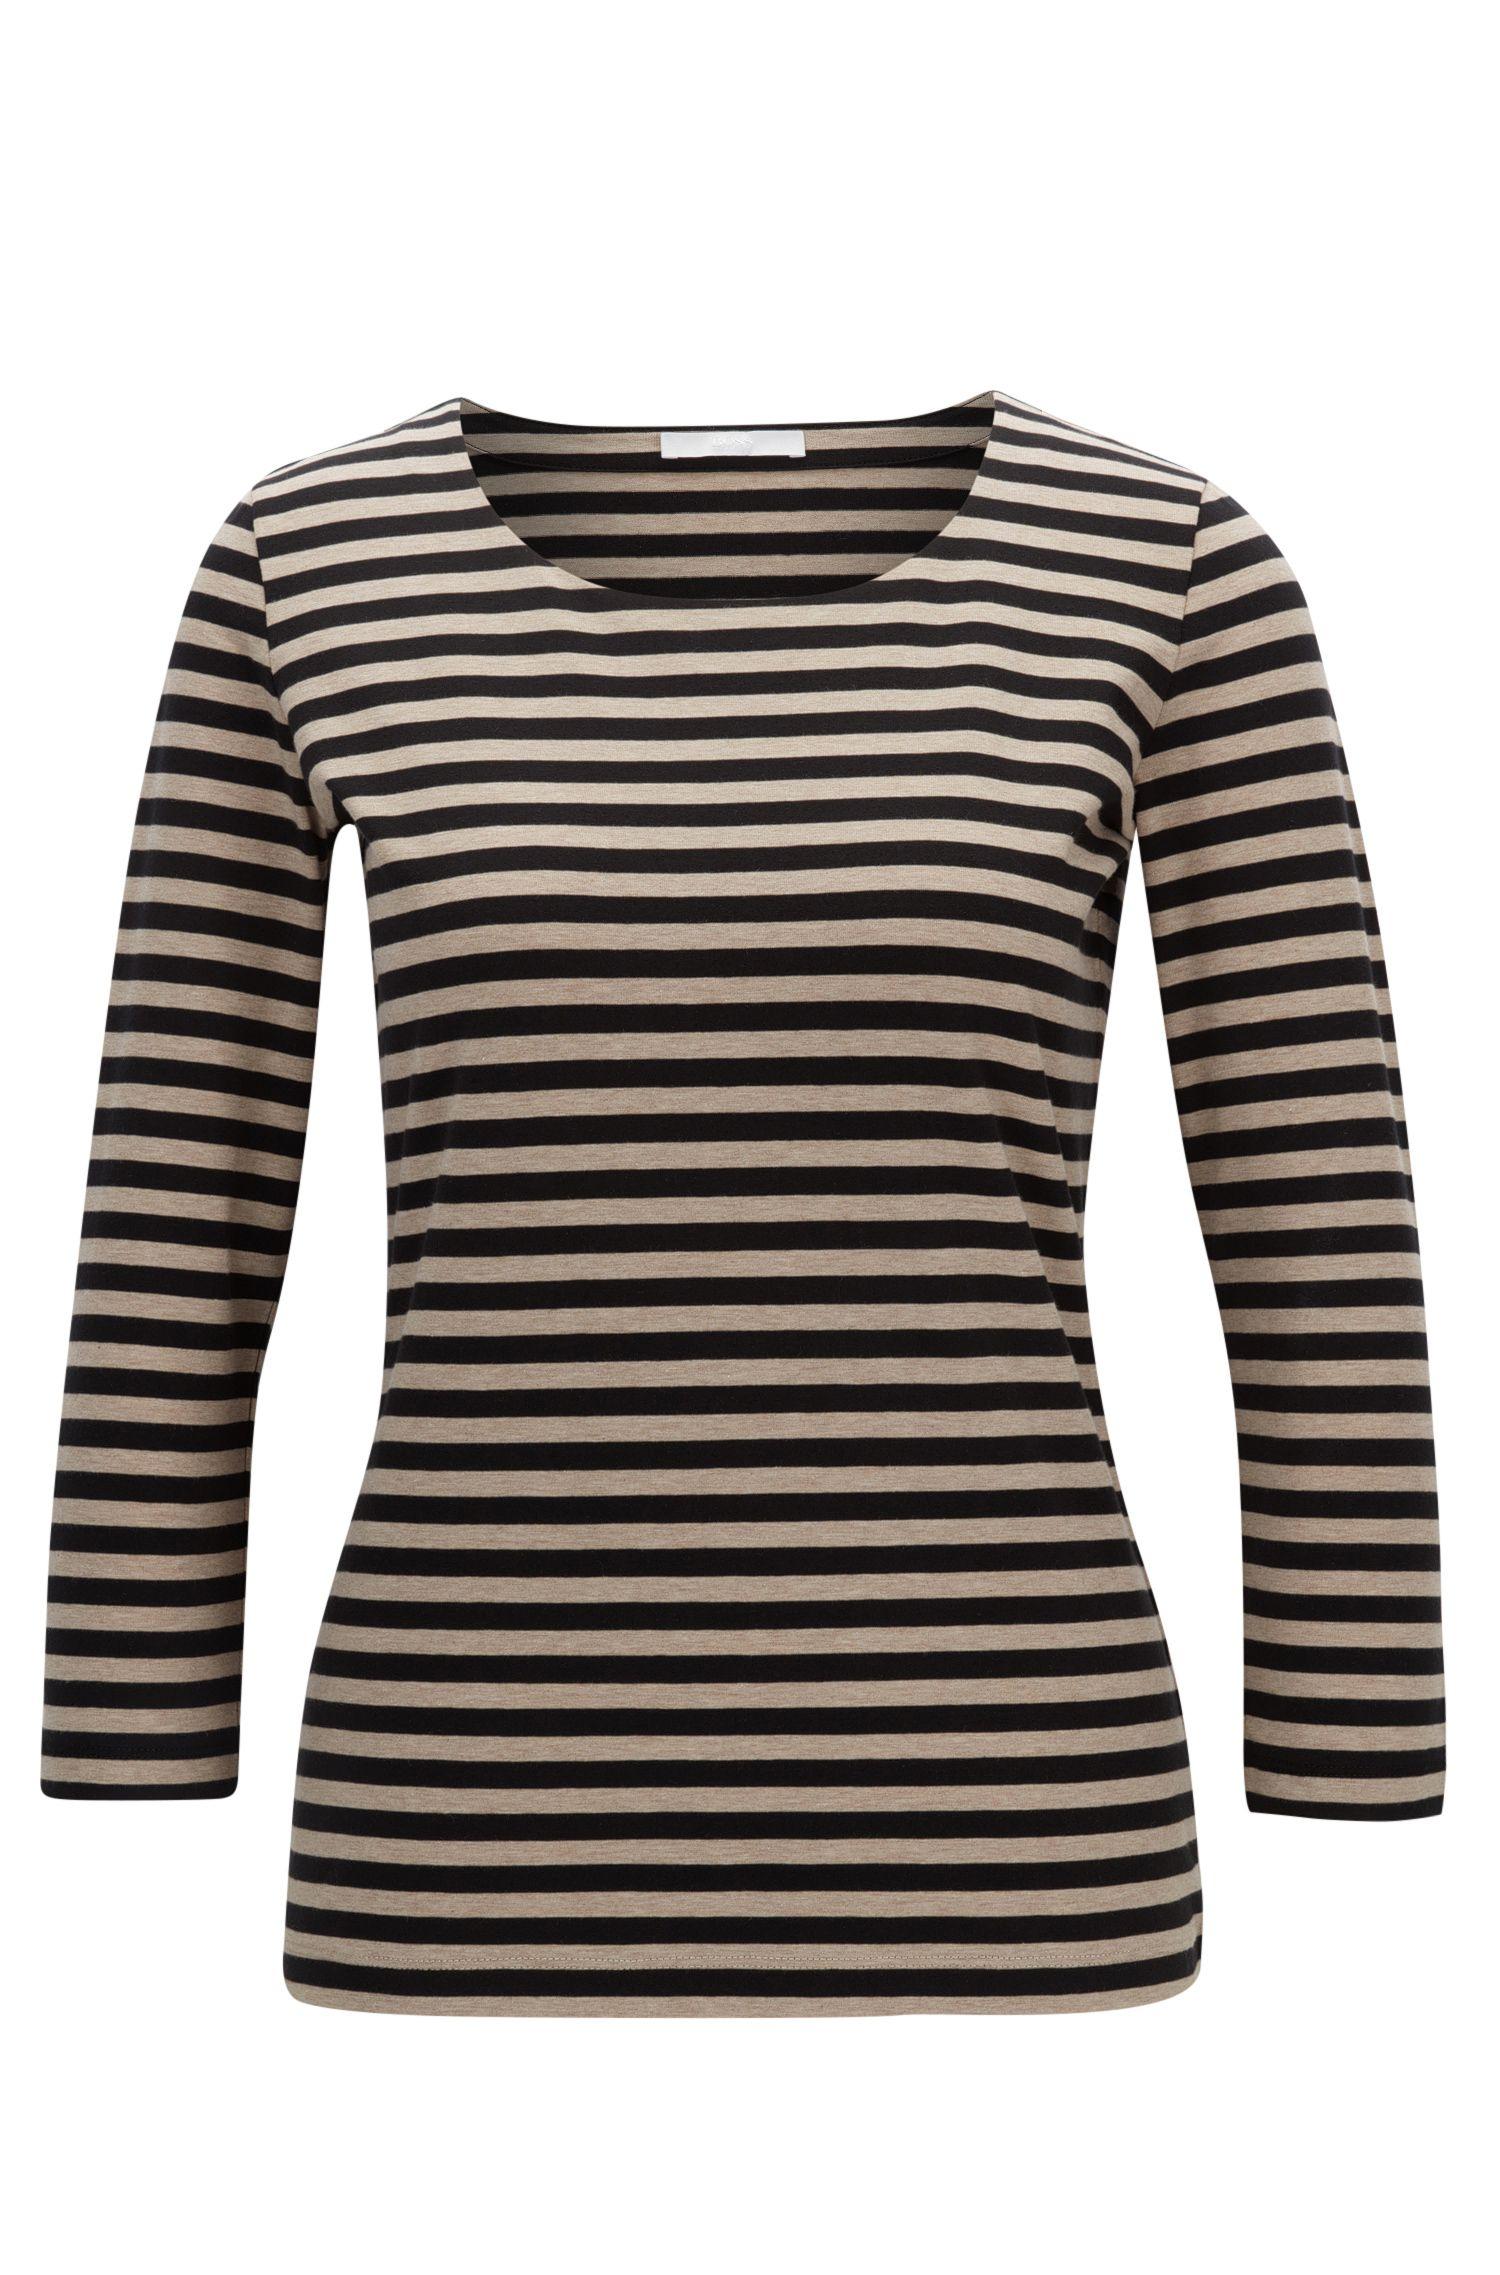 T-shirt regular fit in jersey singolo di cotone elasticizzato